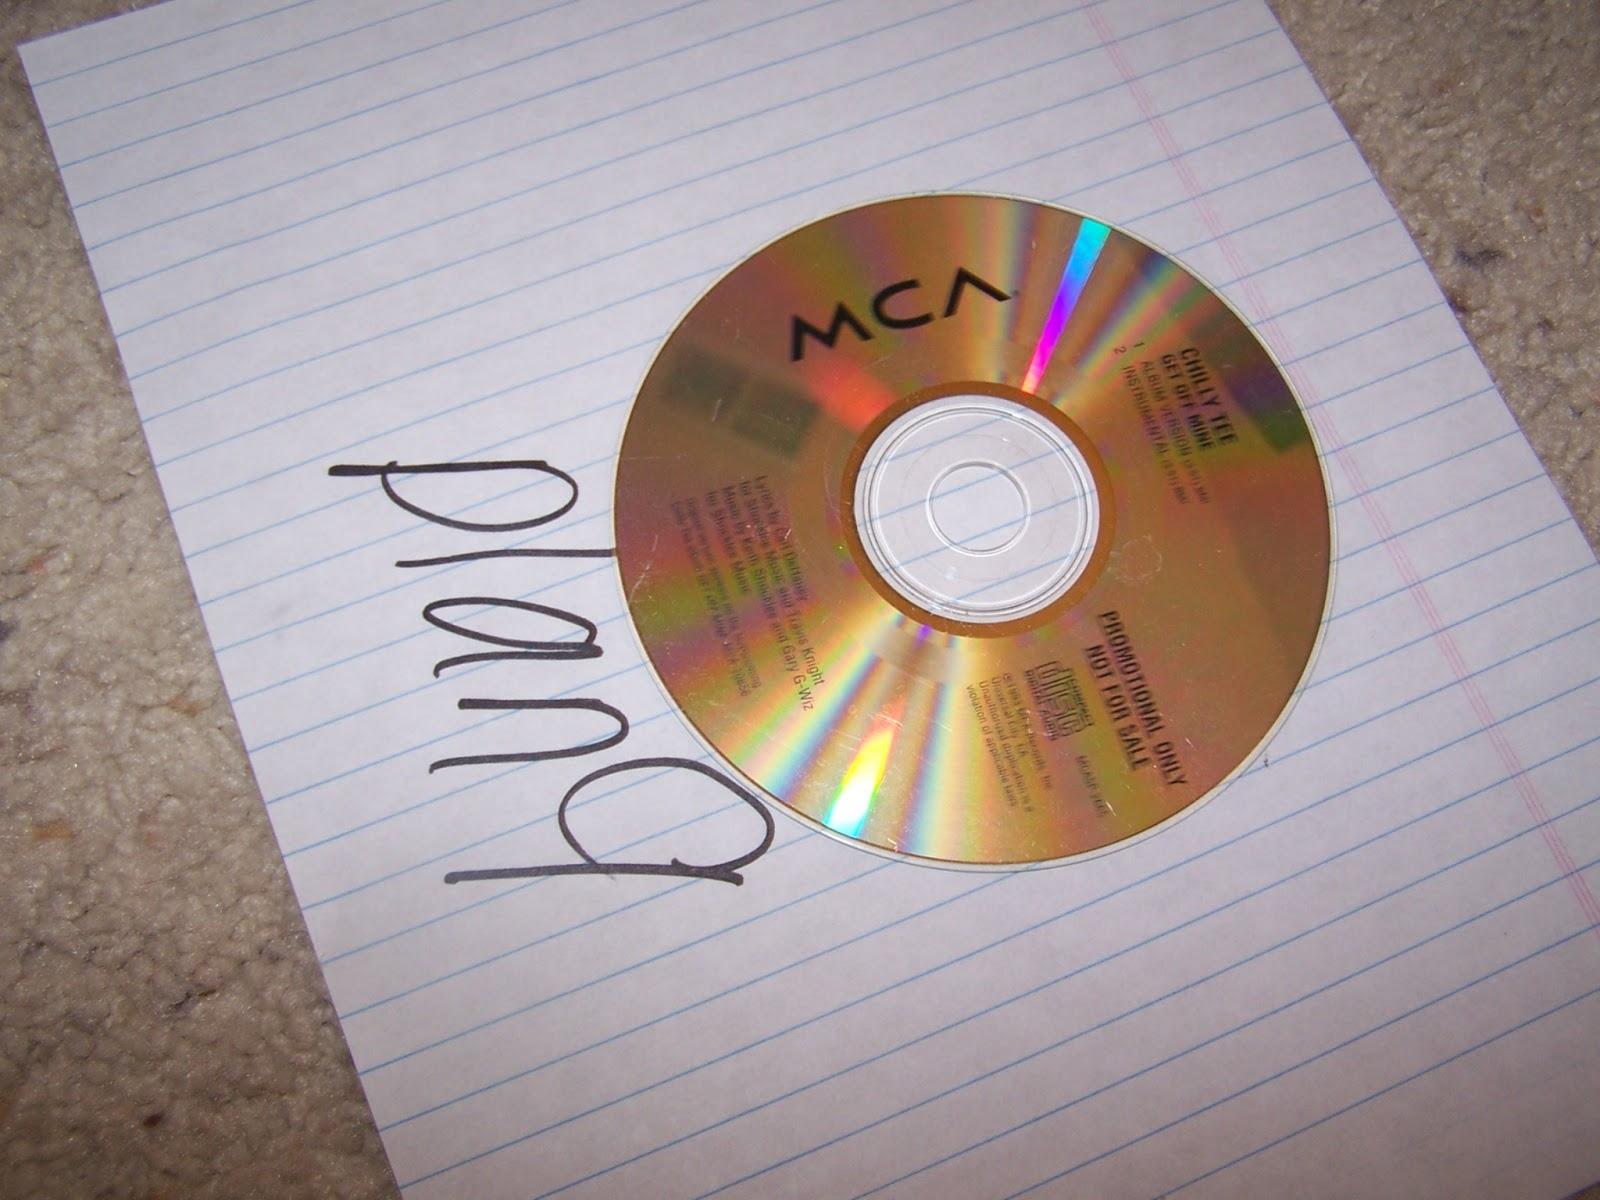 01 get off mine album version 02 get off mine instrumental download